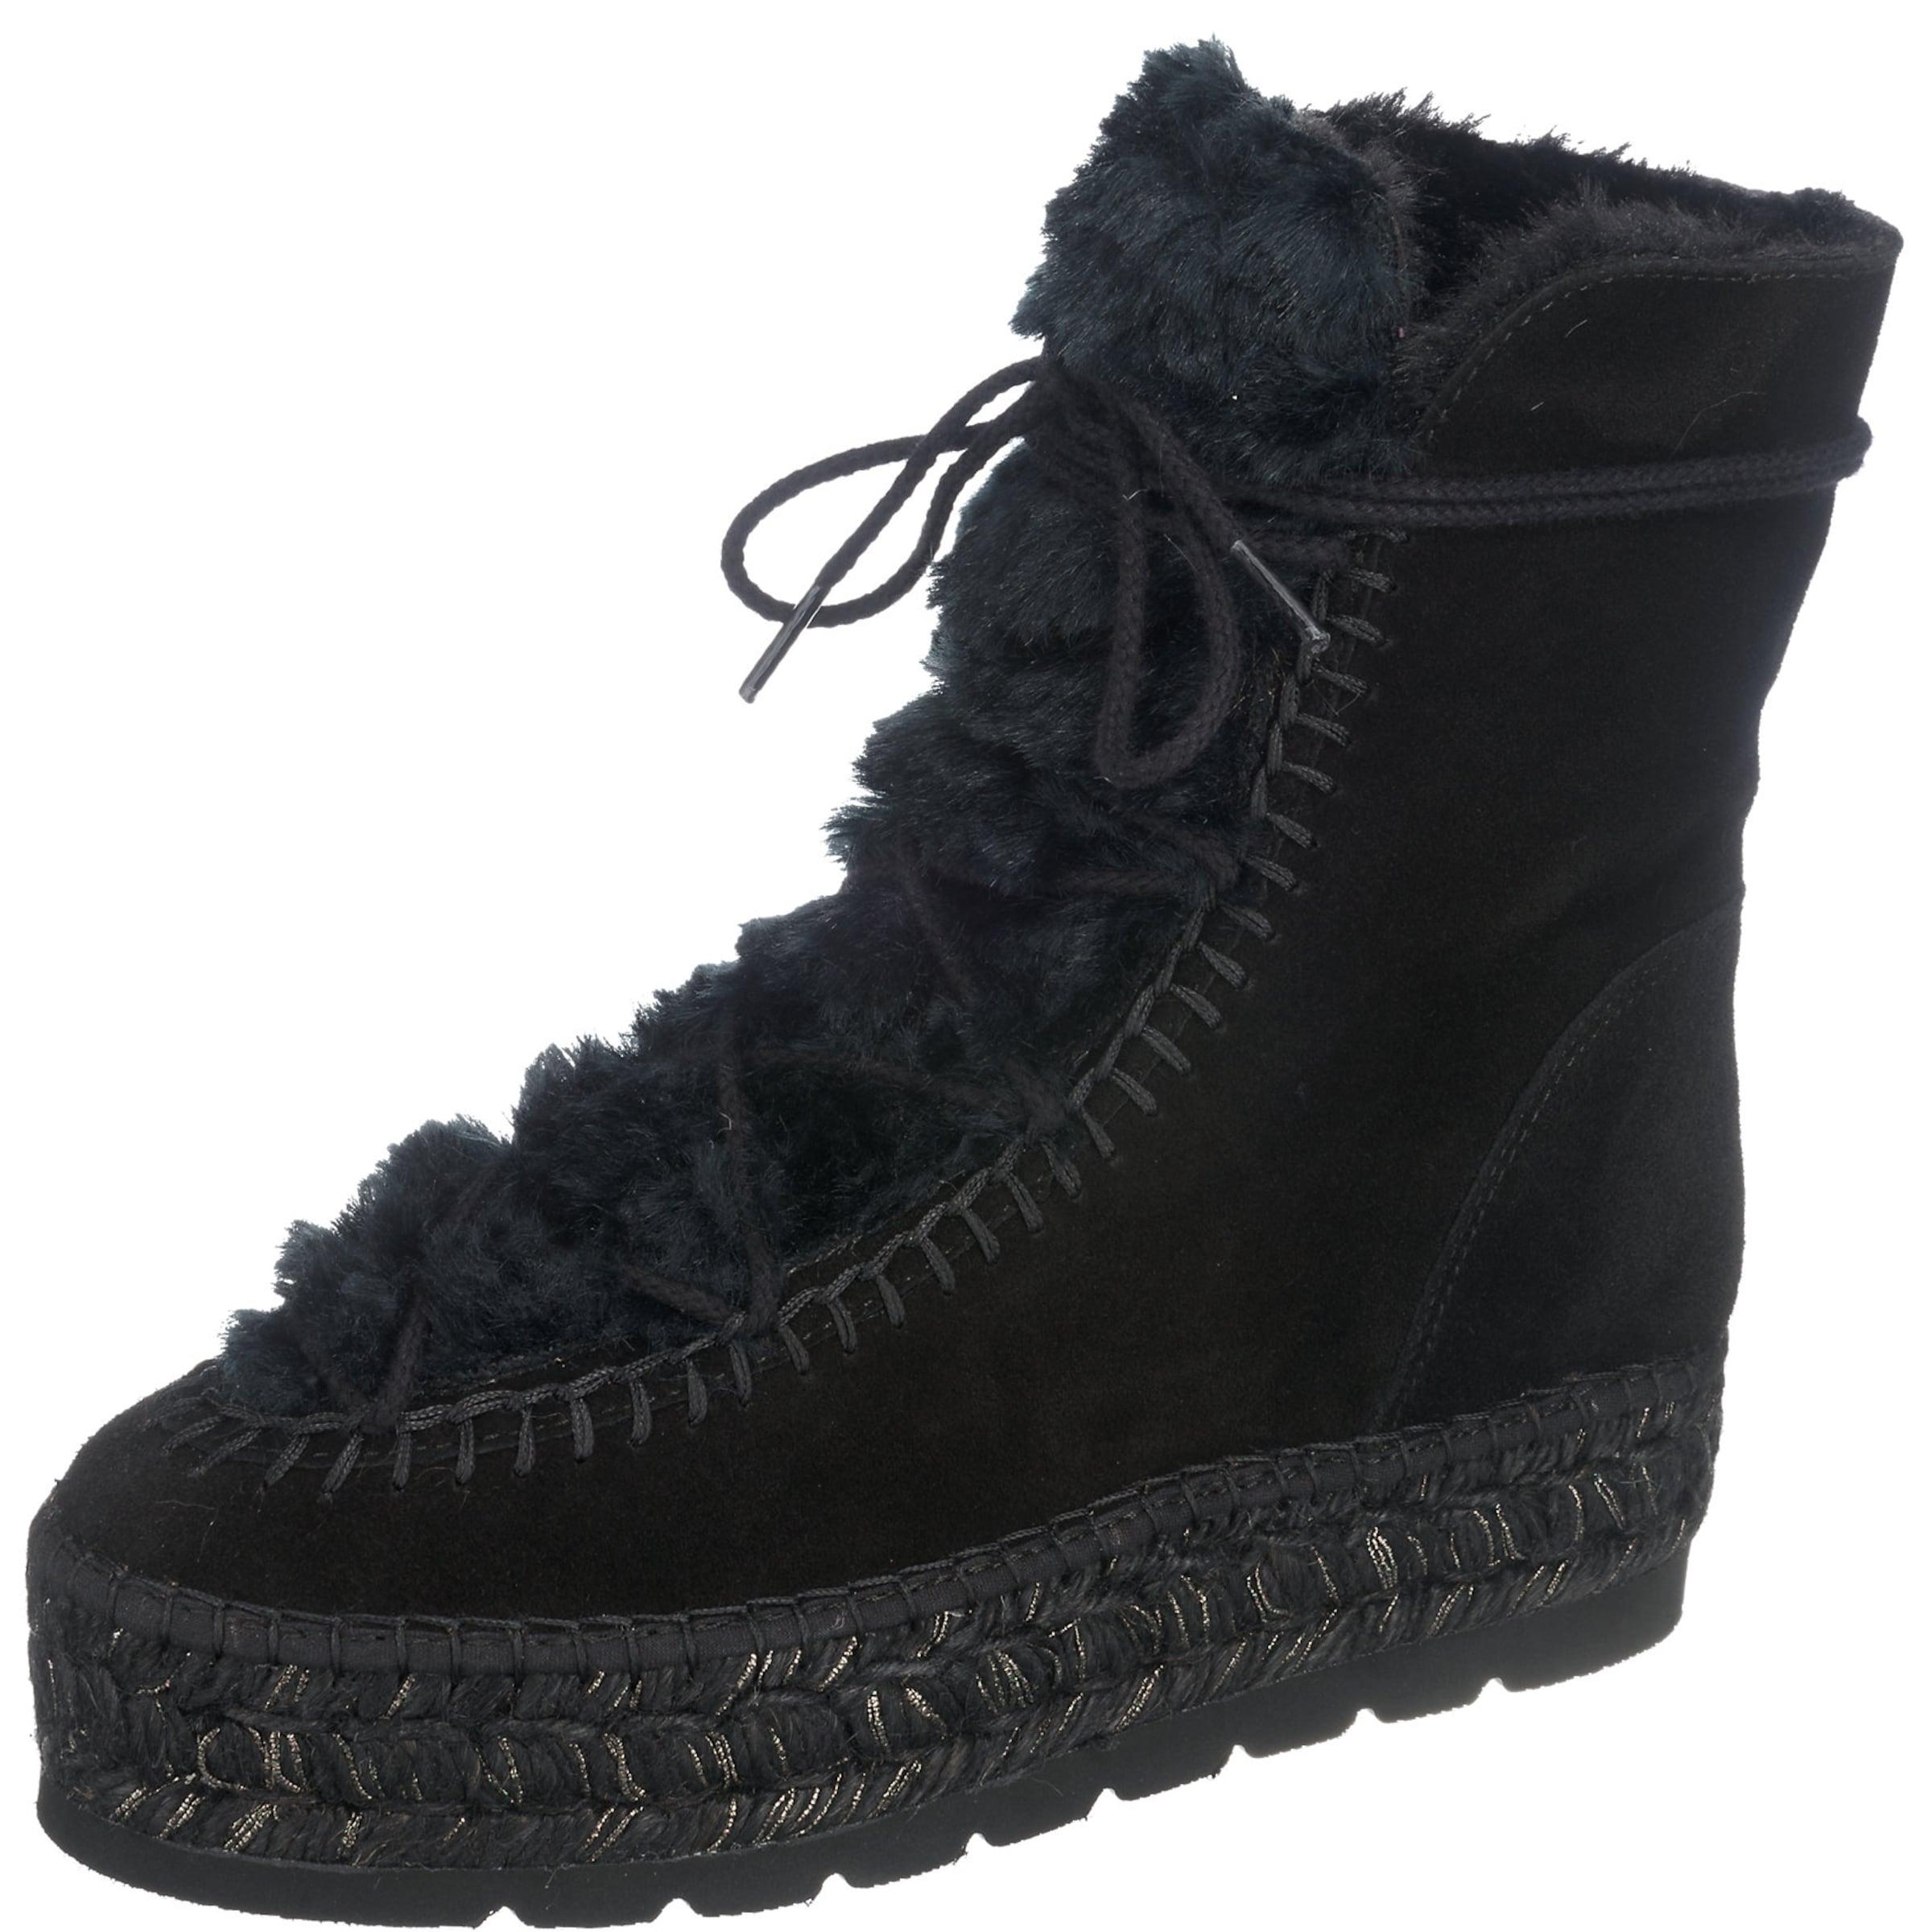 Vidorreta Stiefeletten Verschleißfeste billige Schuhe Hohe Qualität